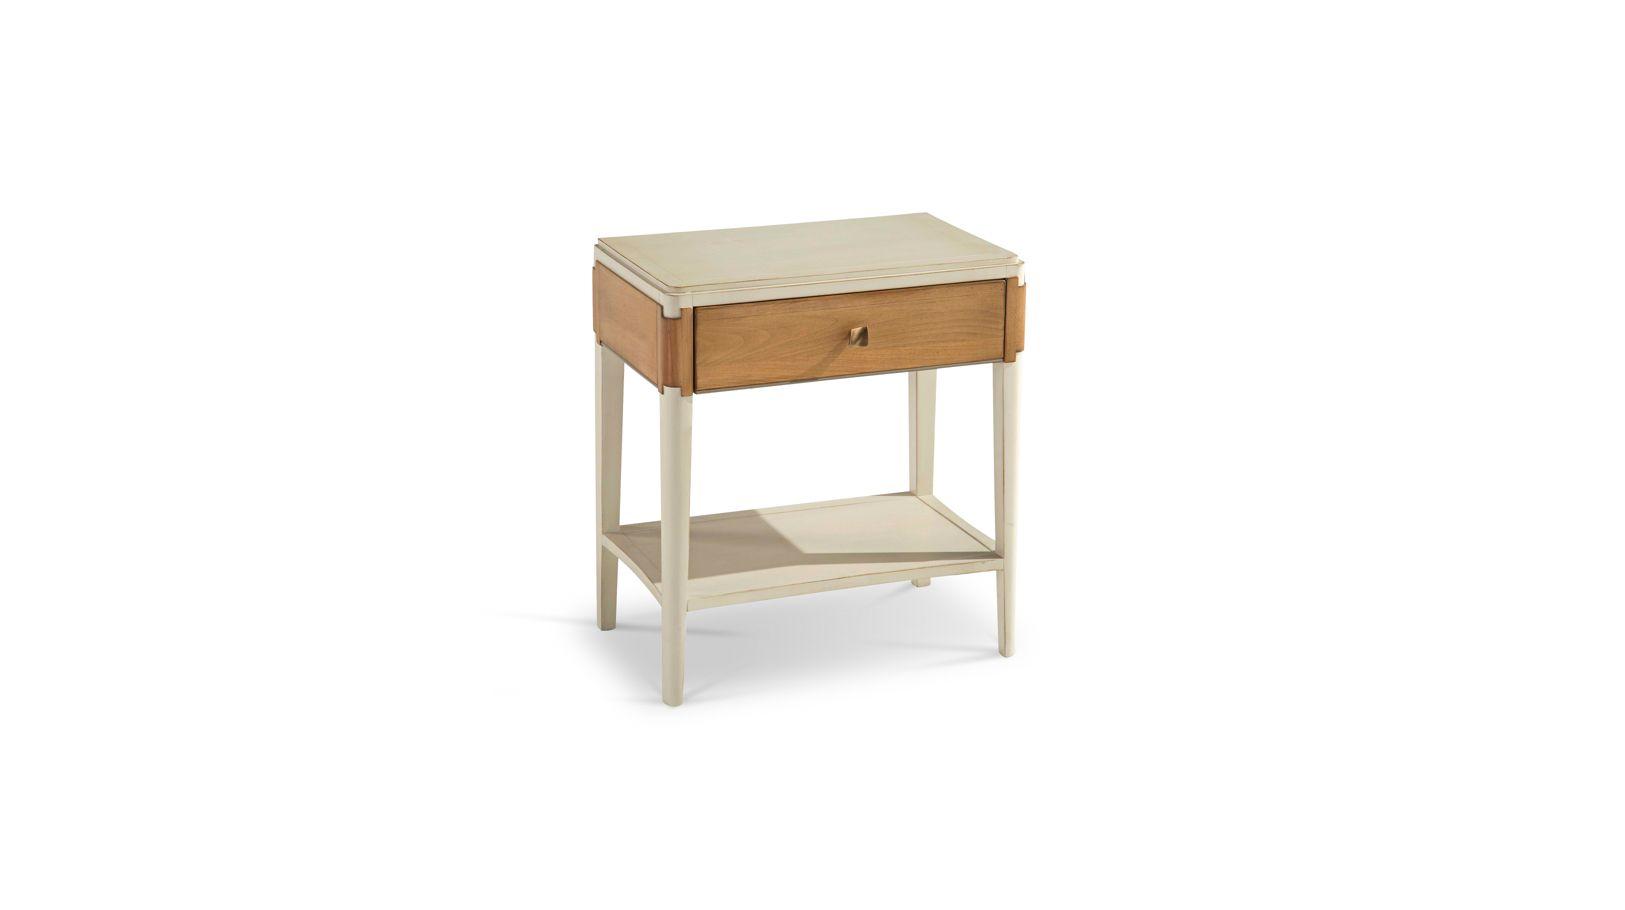 console claridge collection nouveaux classiques roche bobois. Black Bedroom Furniture Sets. Home Design Ideas